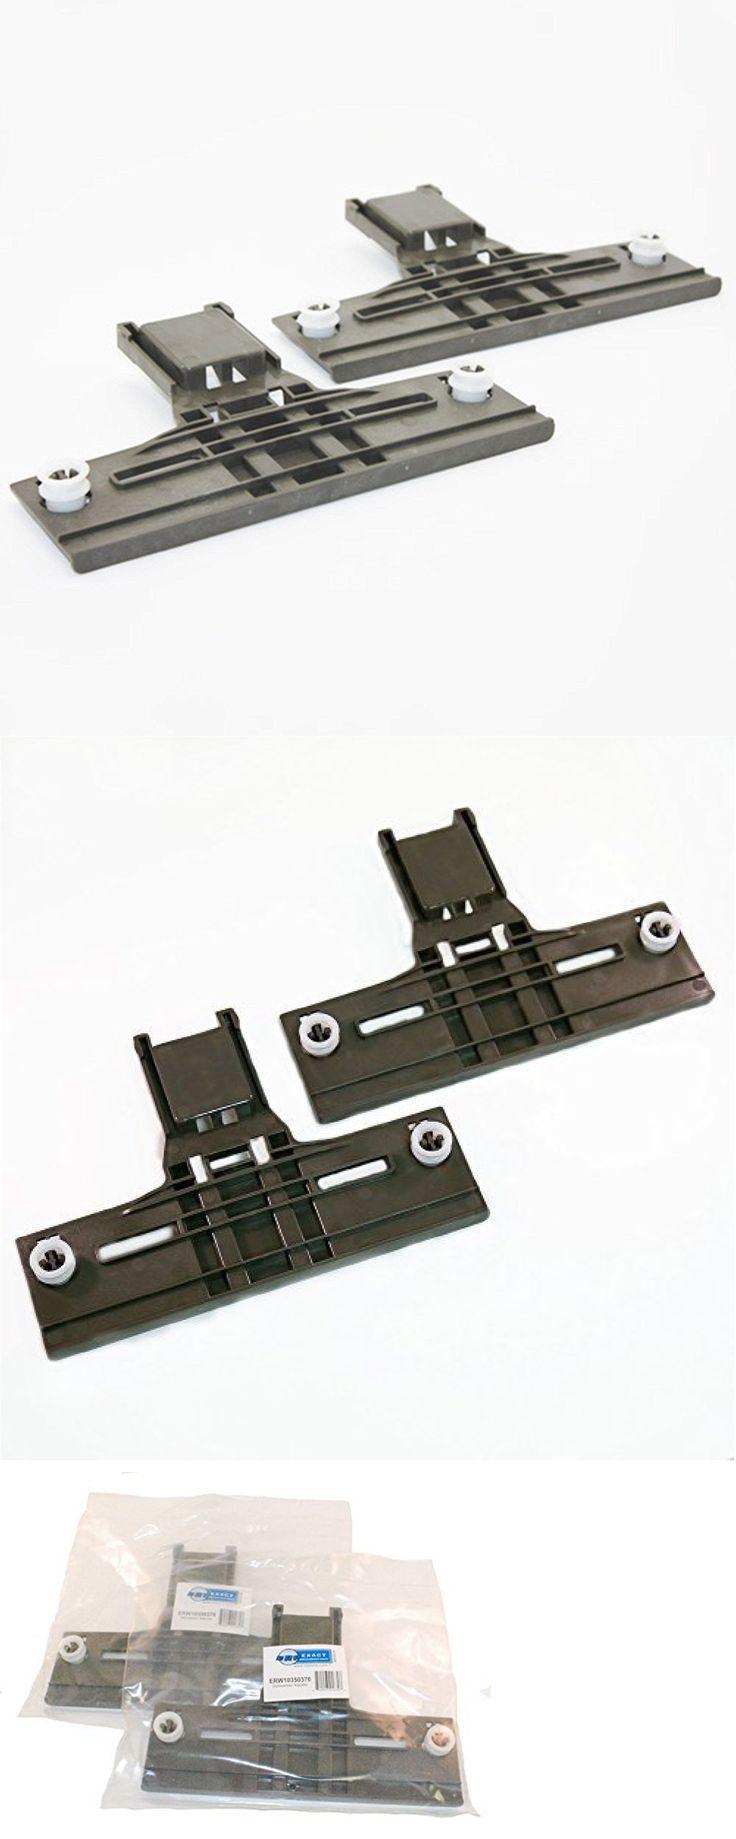 Details about dishwasher upper top rack adjuster 2 pack